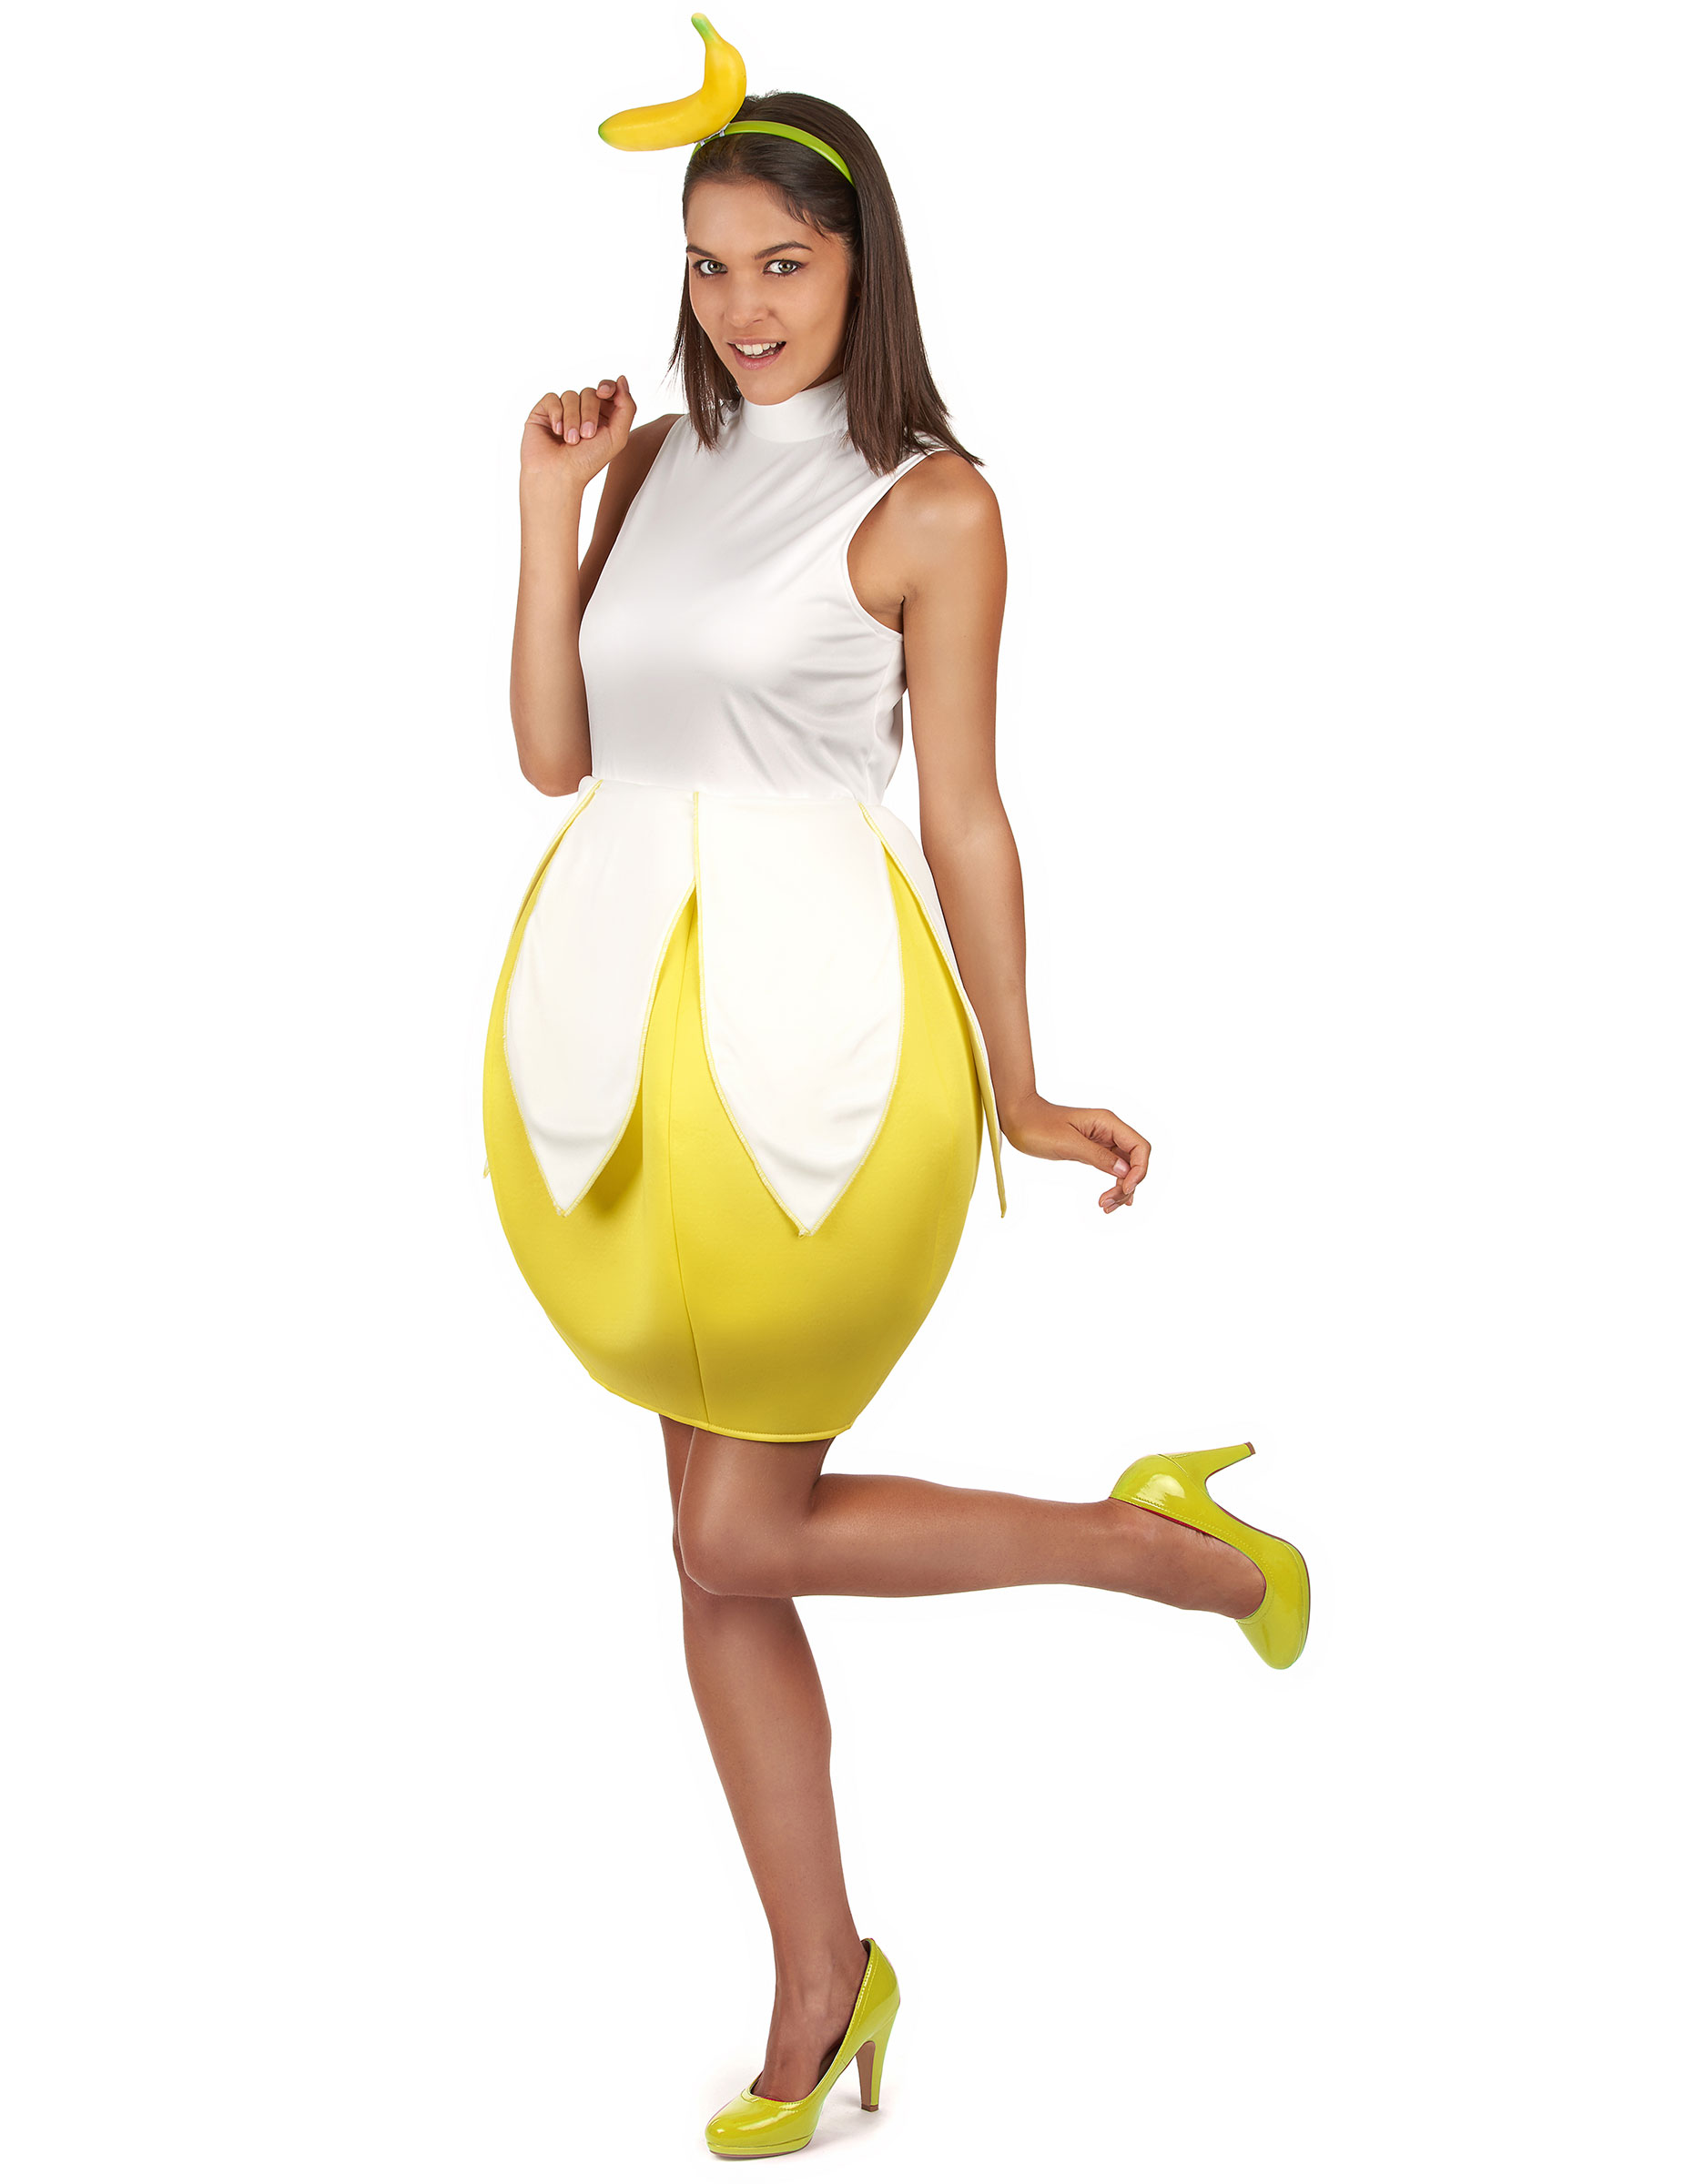 La banane, le fruit indispensable tout au long de la vie